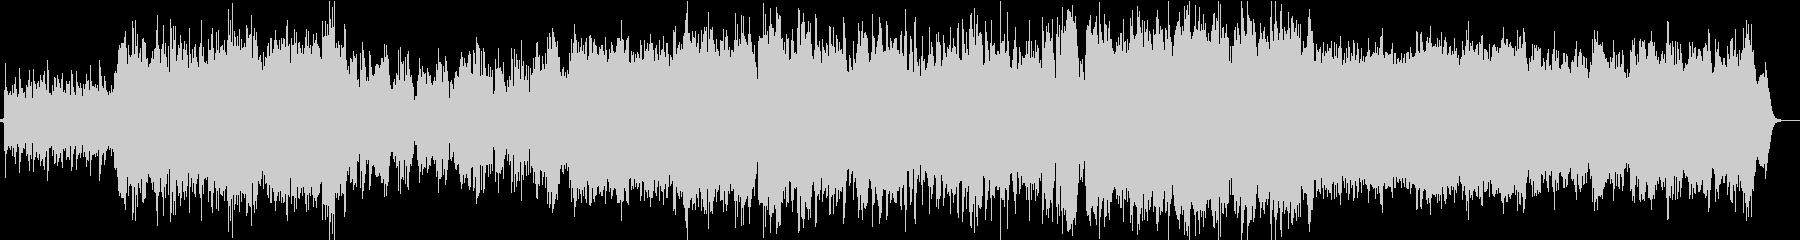 オーケストラによる壮大なケルト風BGMの未再生の波形